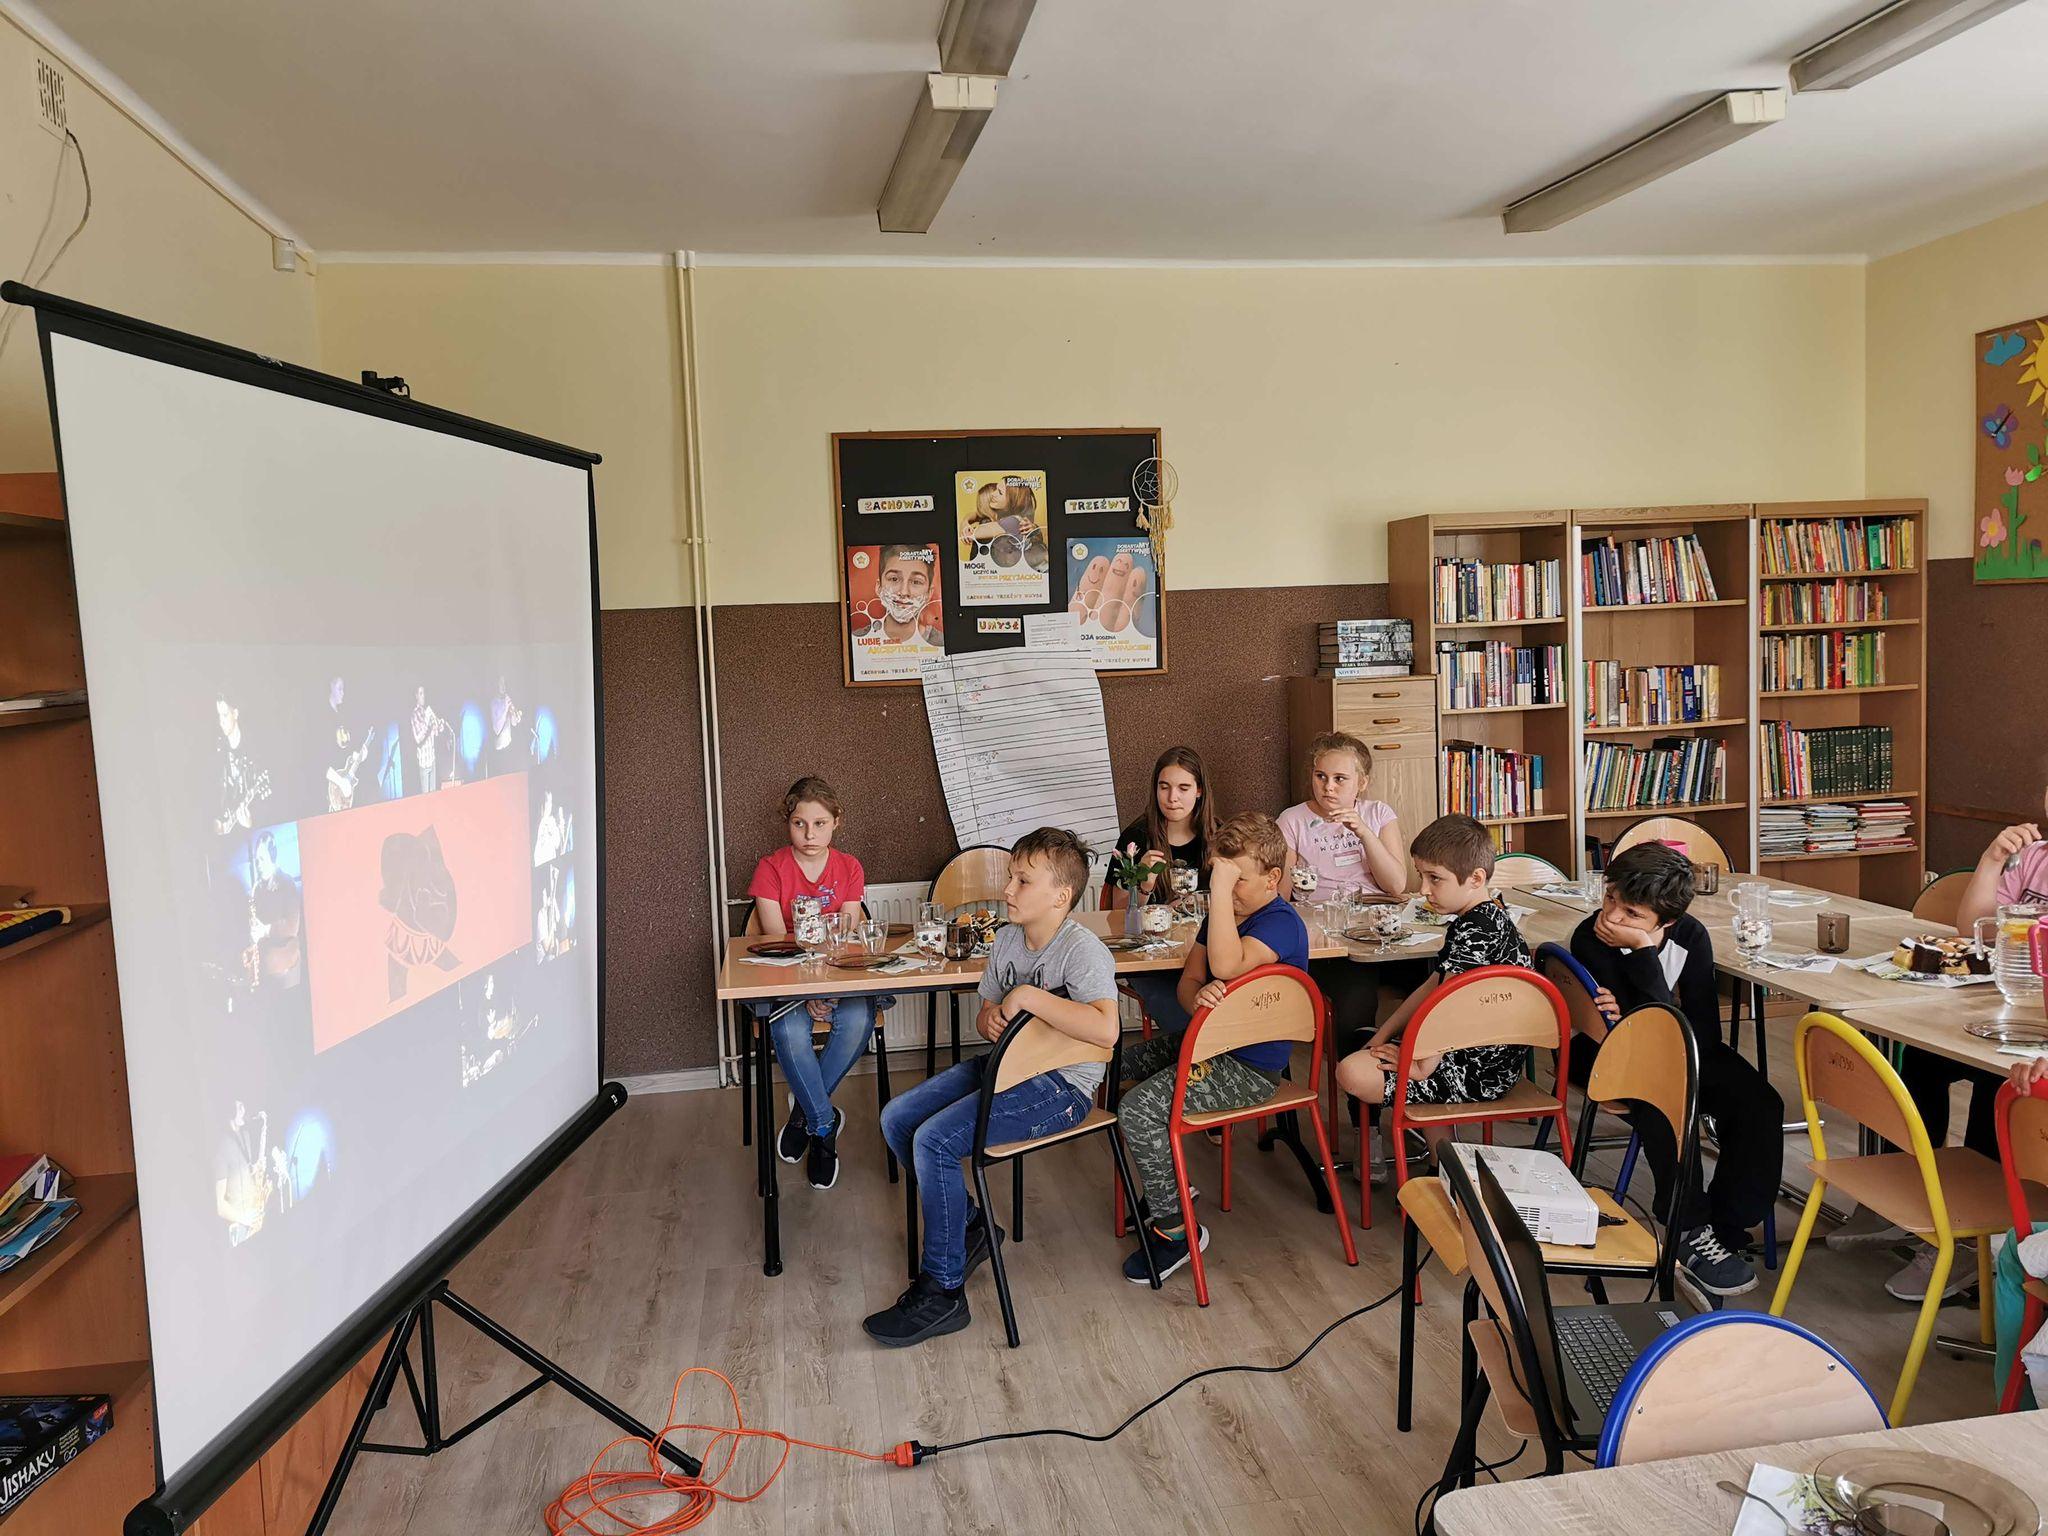 zdjęcie siedzących dzieci